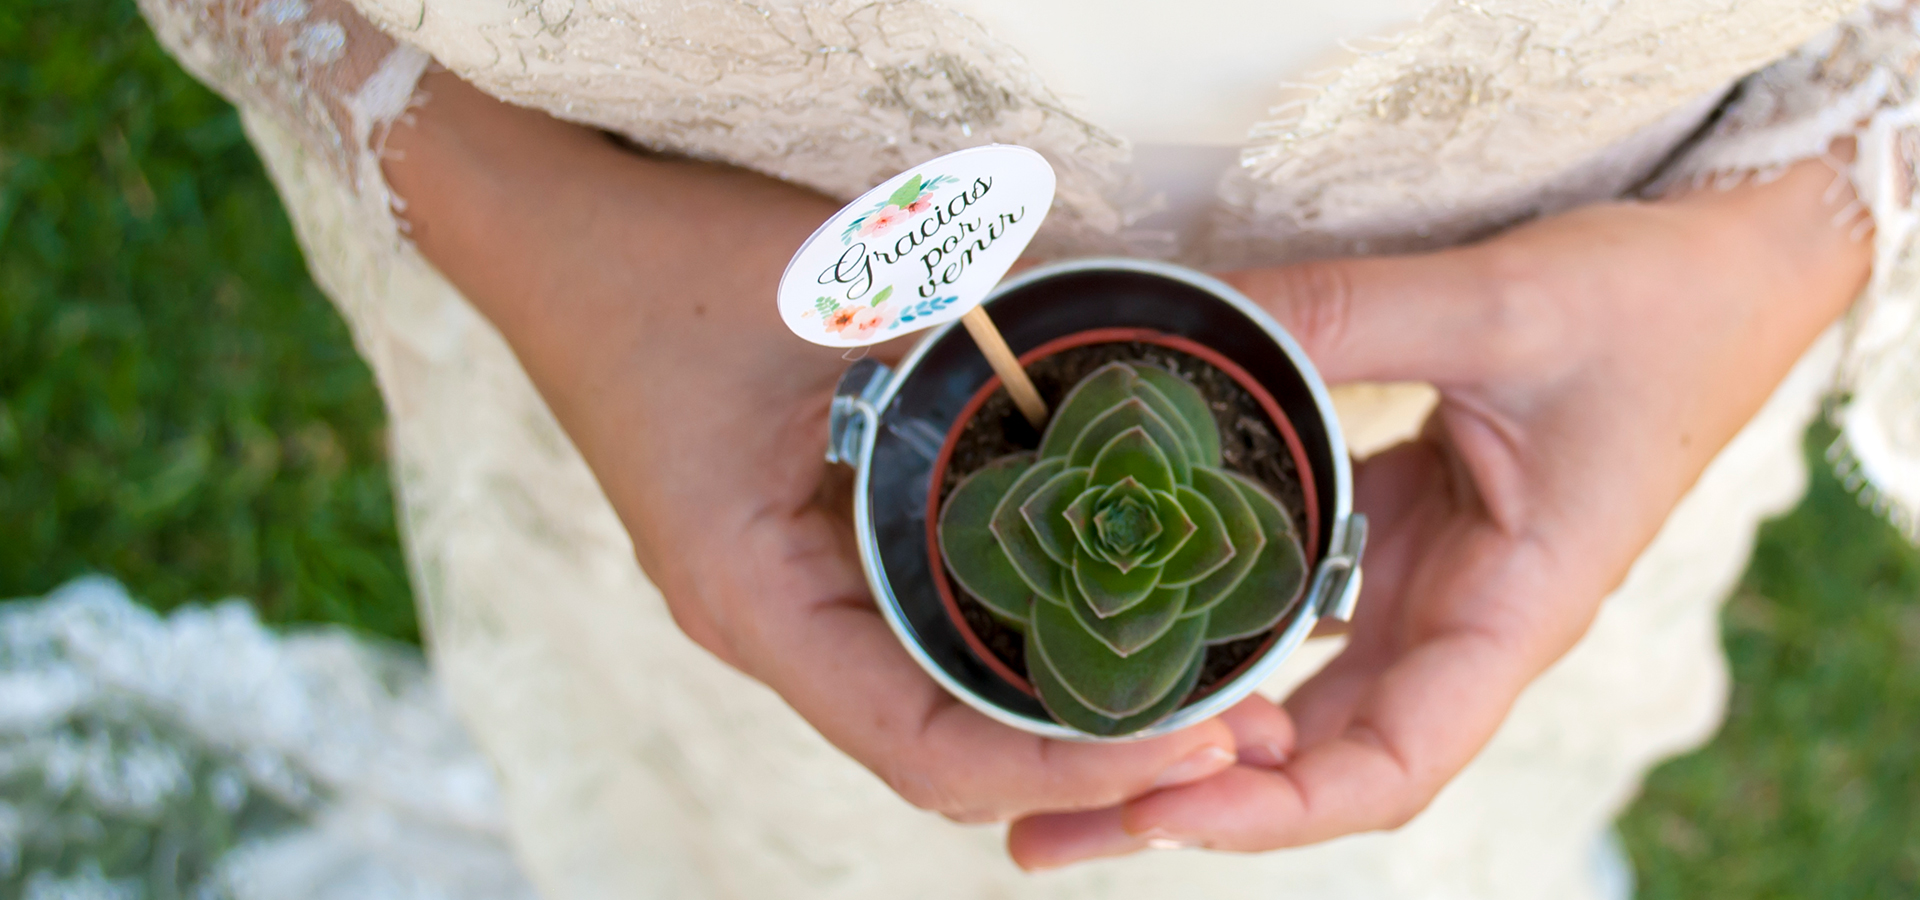 Cactus y Suculentas para Bodas. Sorprende a tus Invitados